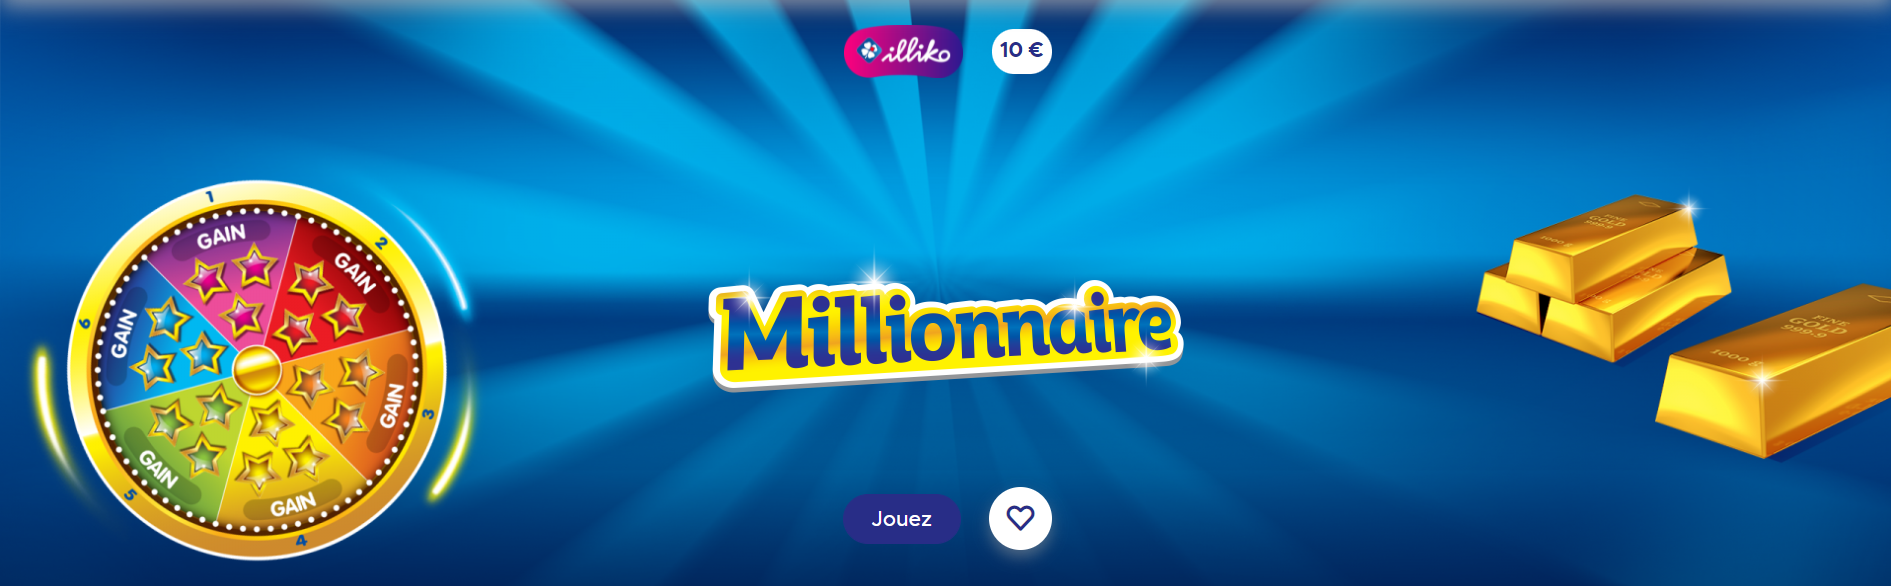 Millionnaire FDJ